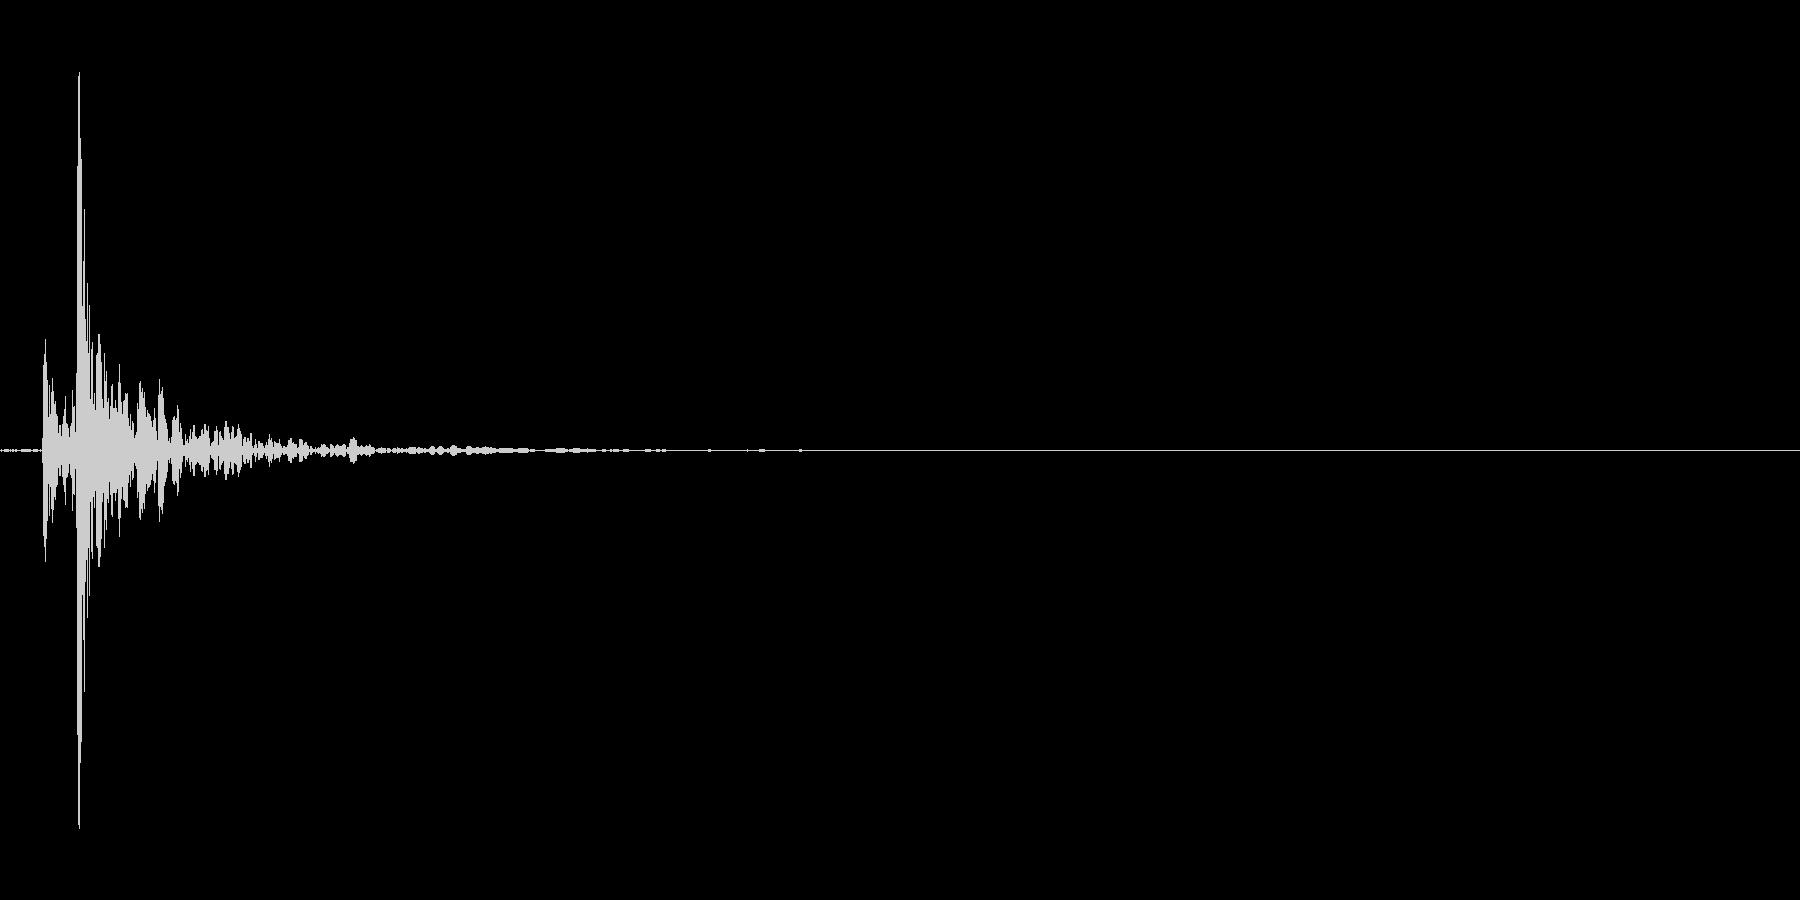 シボレーカマロドアクローズ、ライトの未再生の波形